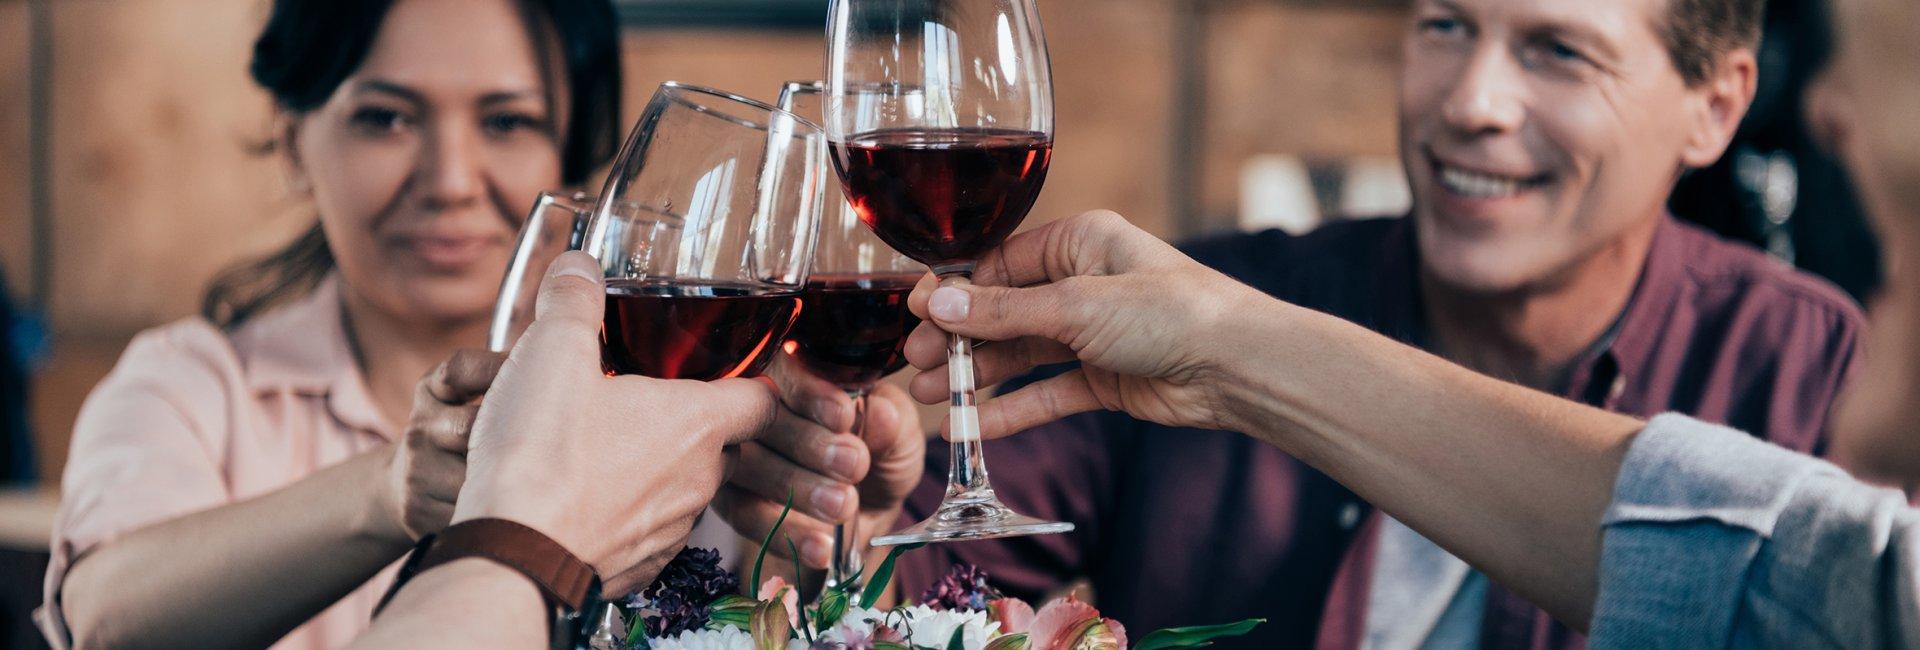 Jesienny wieczór z winem